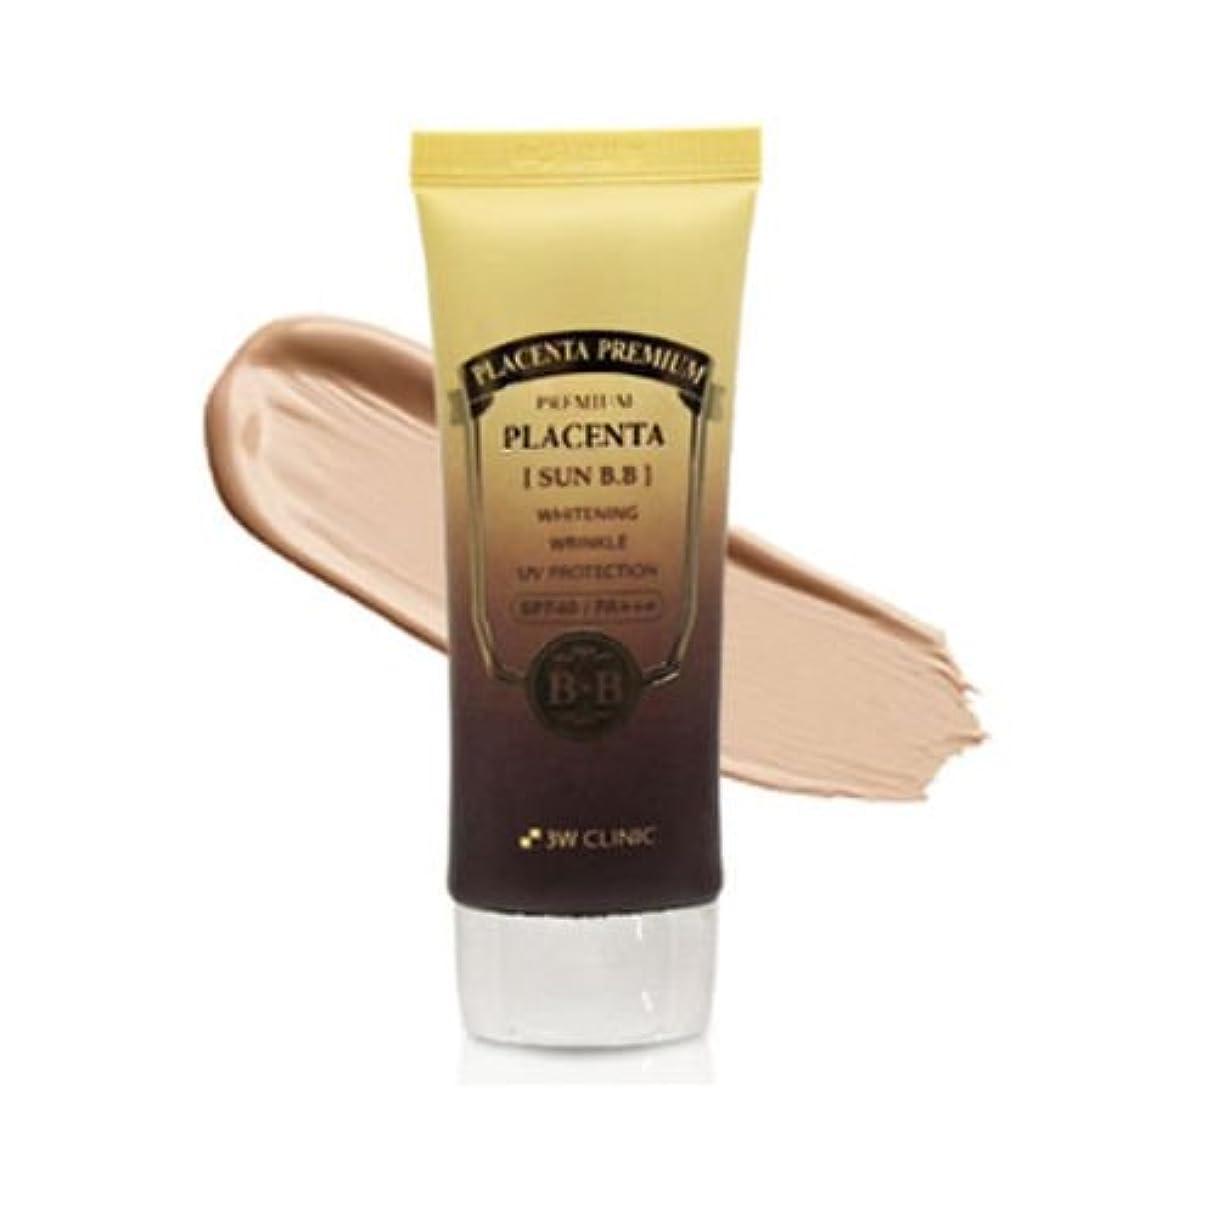 はい列挙する配管3Wクリニック[韓国コスメ3w Clinic]Premium Placenta Sun BB Cream プレミアムプラセンタサンBBクリーム70ml SPF40 PA+++ UV しわ管理[並行輸入品]